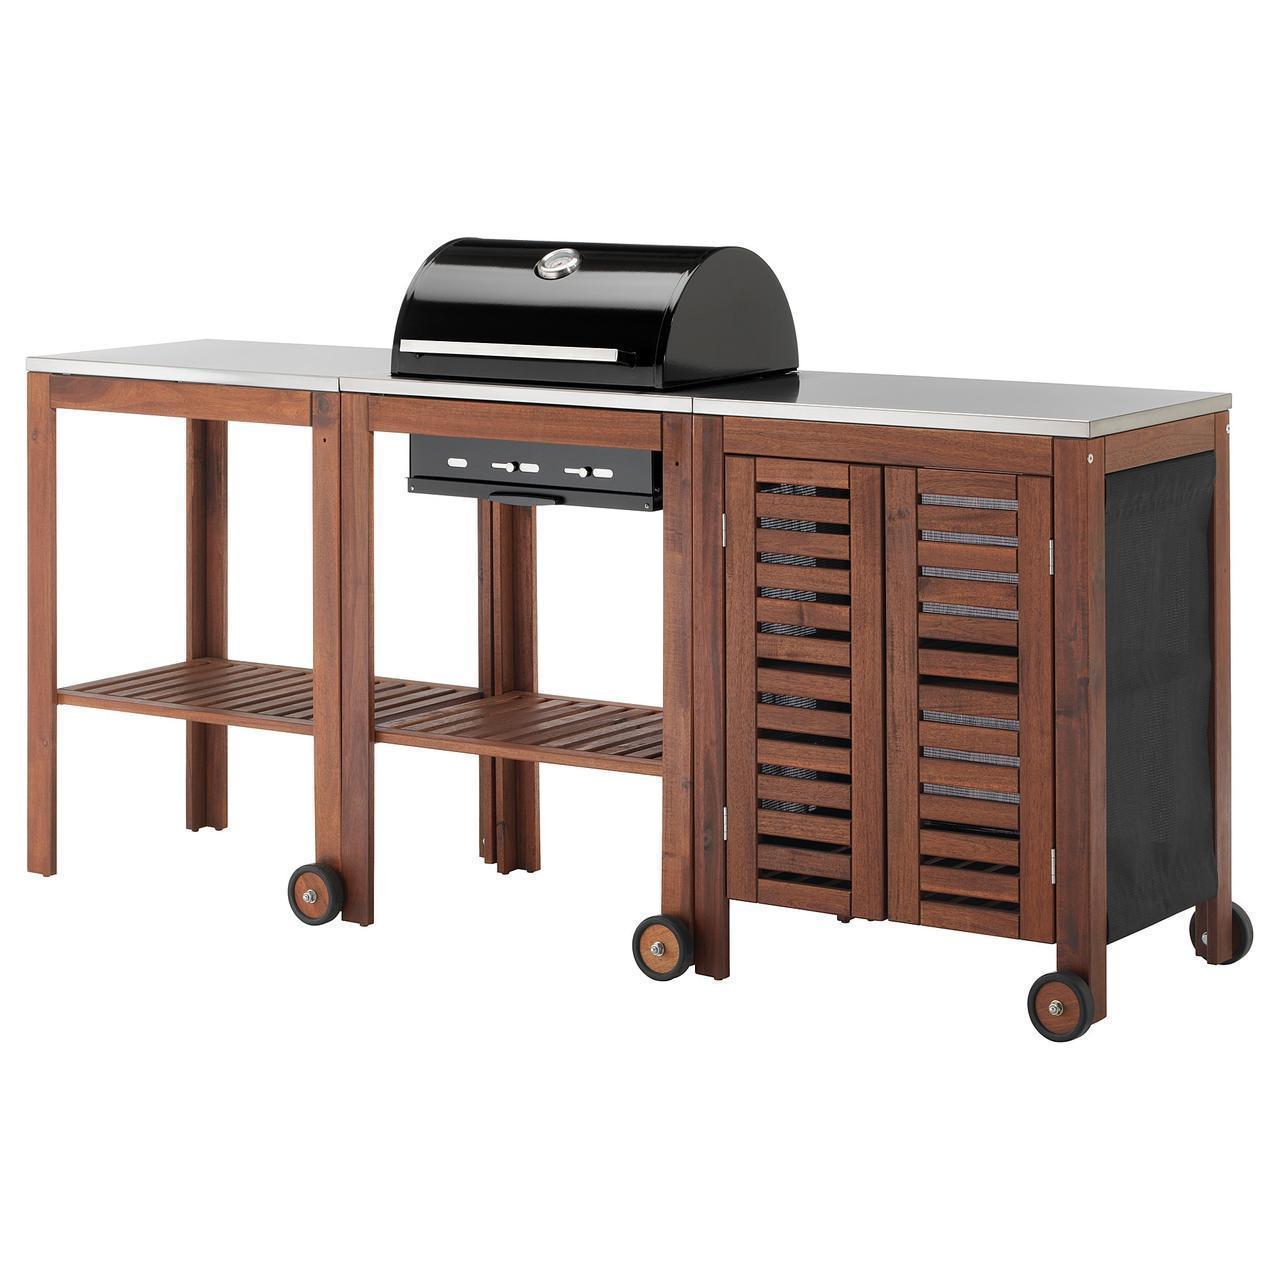 IKEA APPLARO/KLASEN Гриль с шкафом и столиком, коричневая Морилка, сталь  (992.289.66)